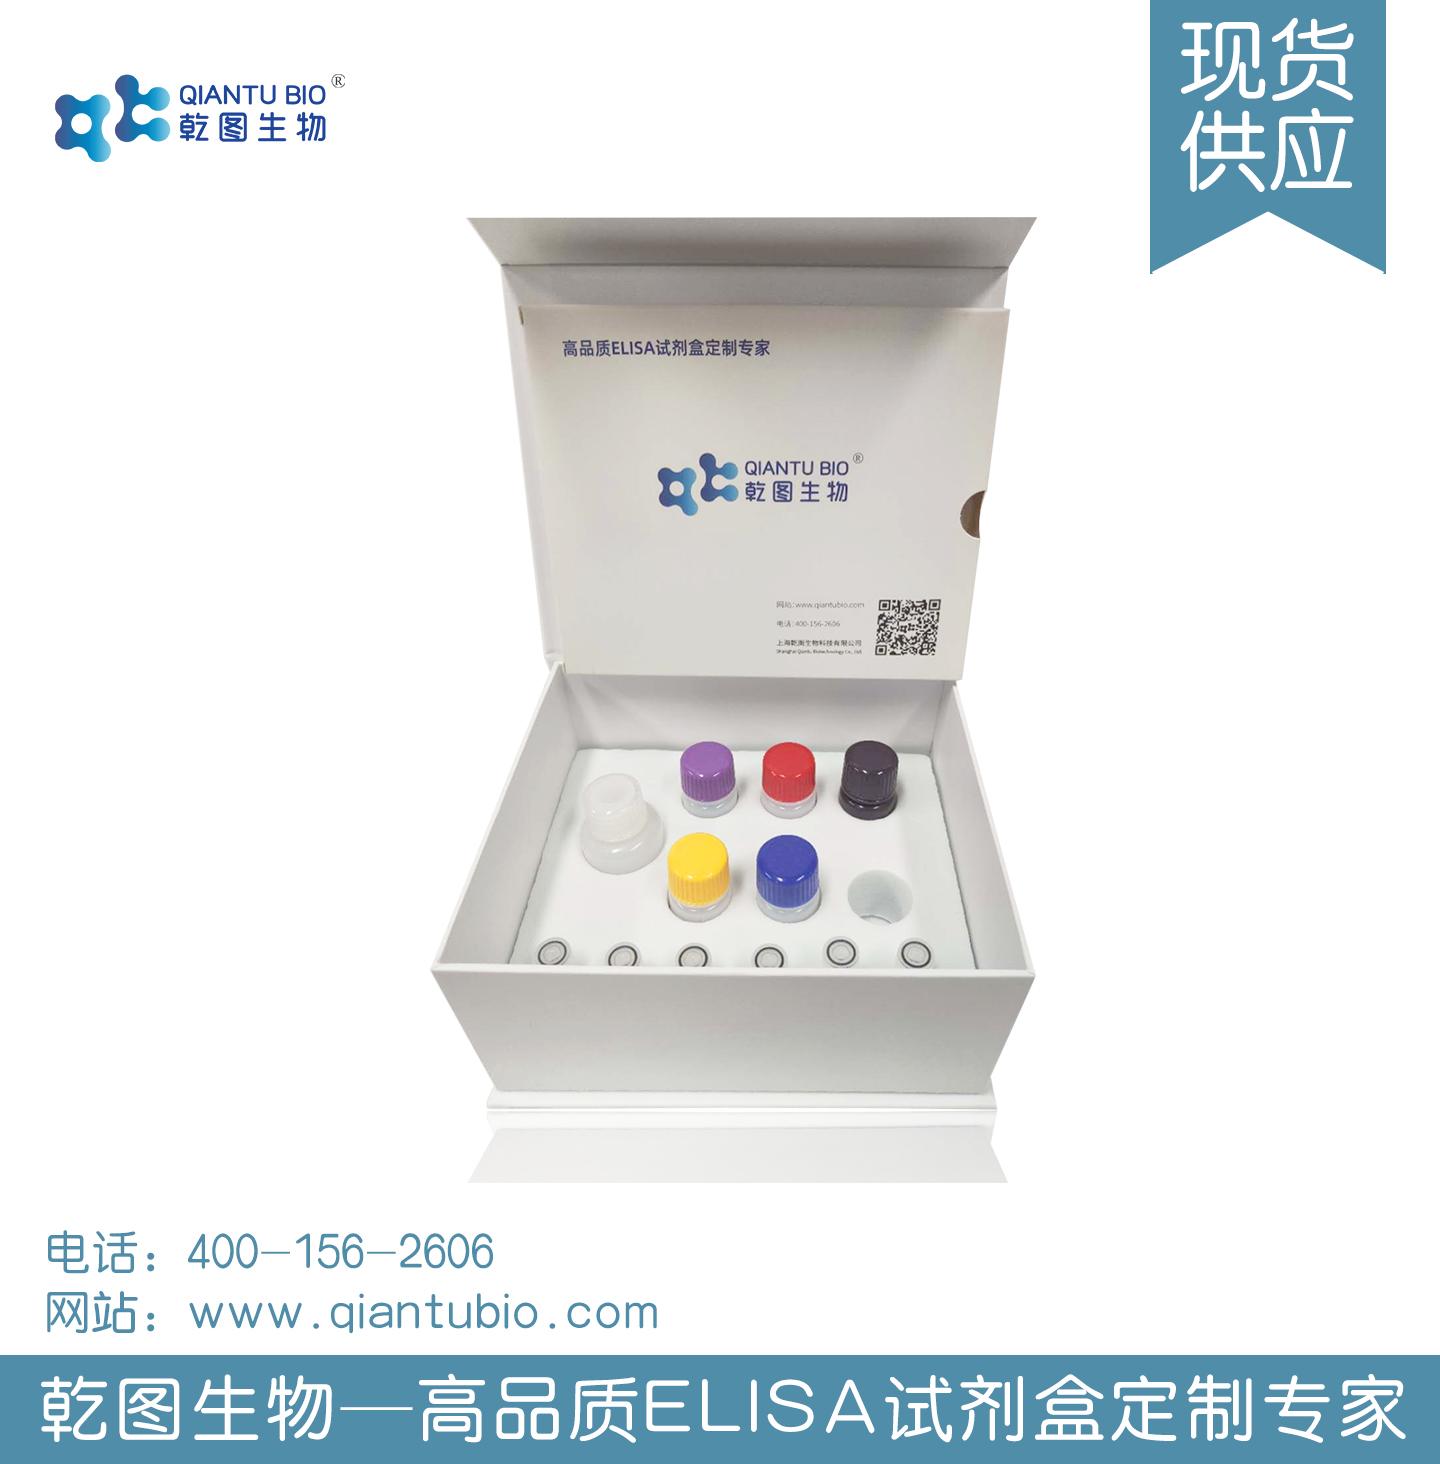 QTE11145 大鼠甲状旁腺激素相关蛋白(PTHrP)ELISA试剂盒供应试剂盒